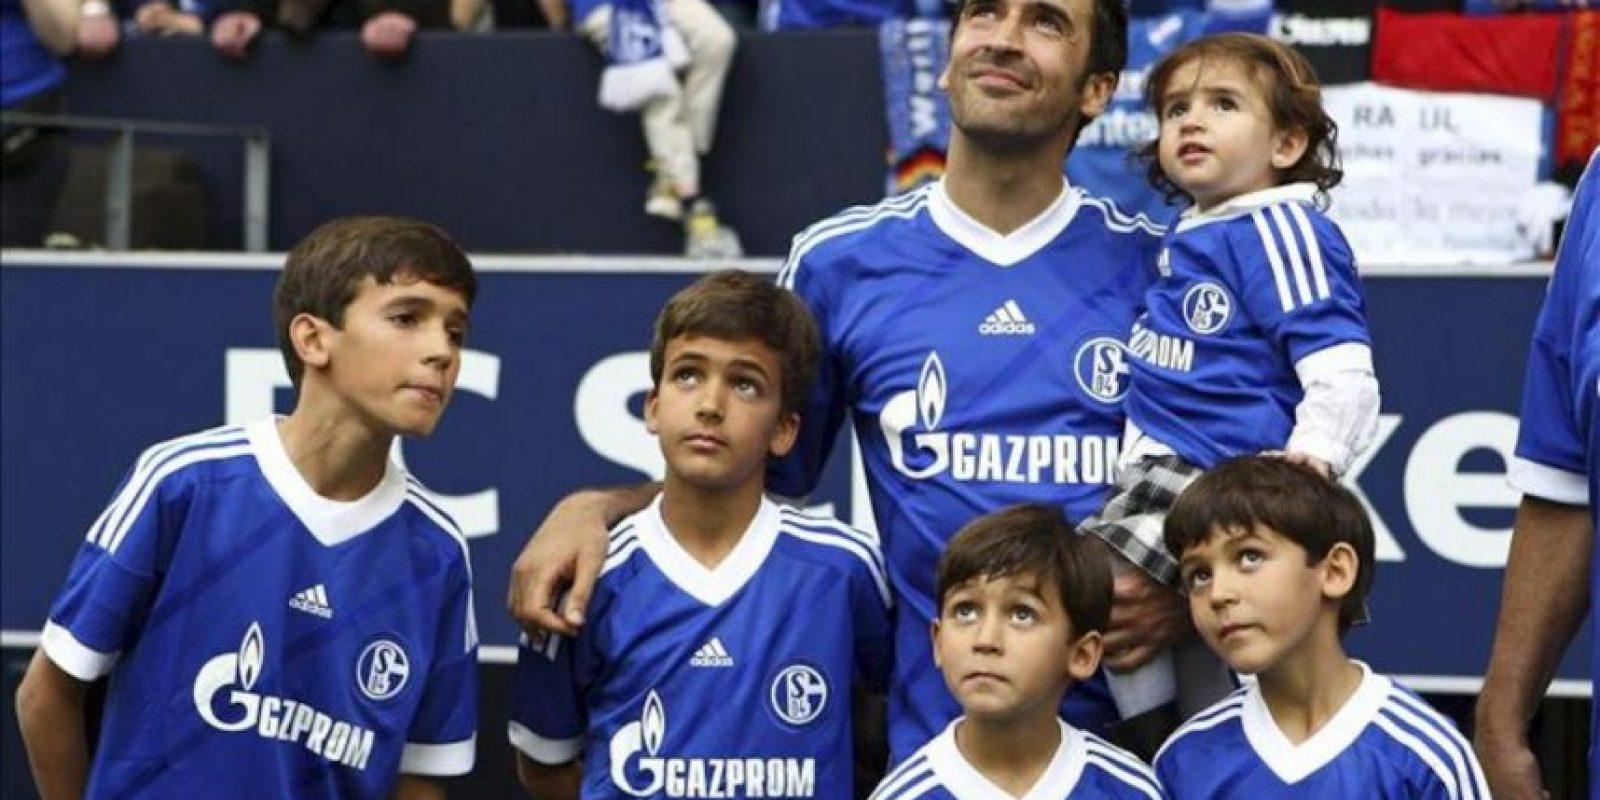 El delantero español del Schalke 04, Raúl González, acompañado por sus hijos, observa una pantalla durante el acto de despedida del club tras el partido de la Bundesliga alemana disputado ante el Hertha BSC, en Gelsenkirchen. EFE